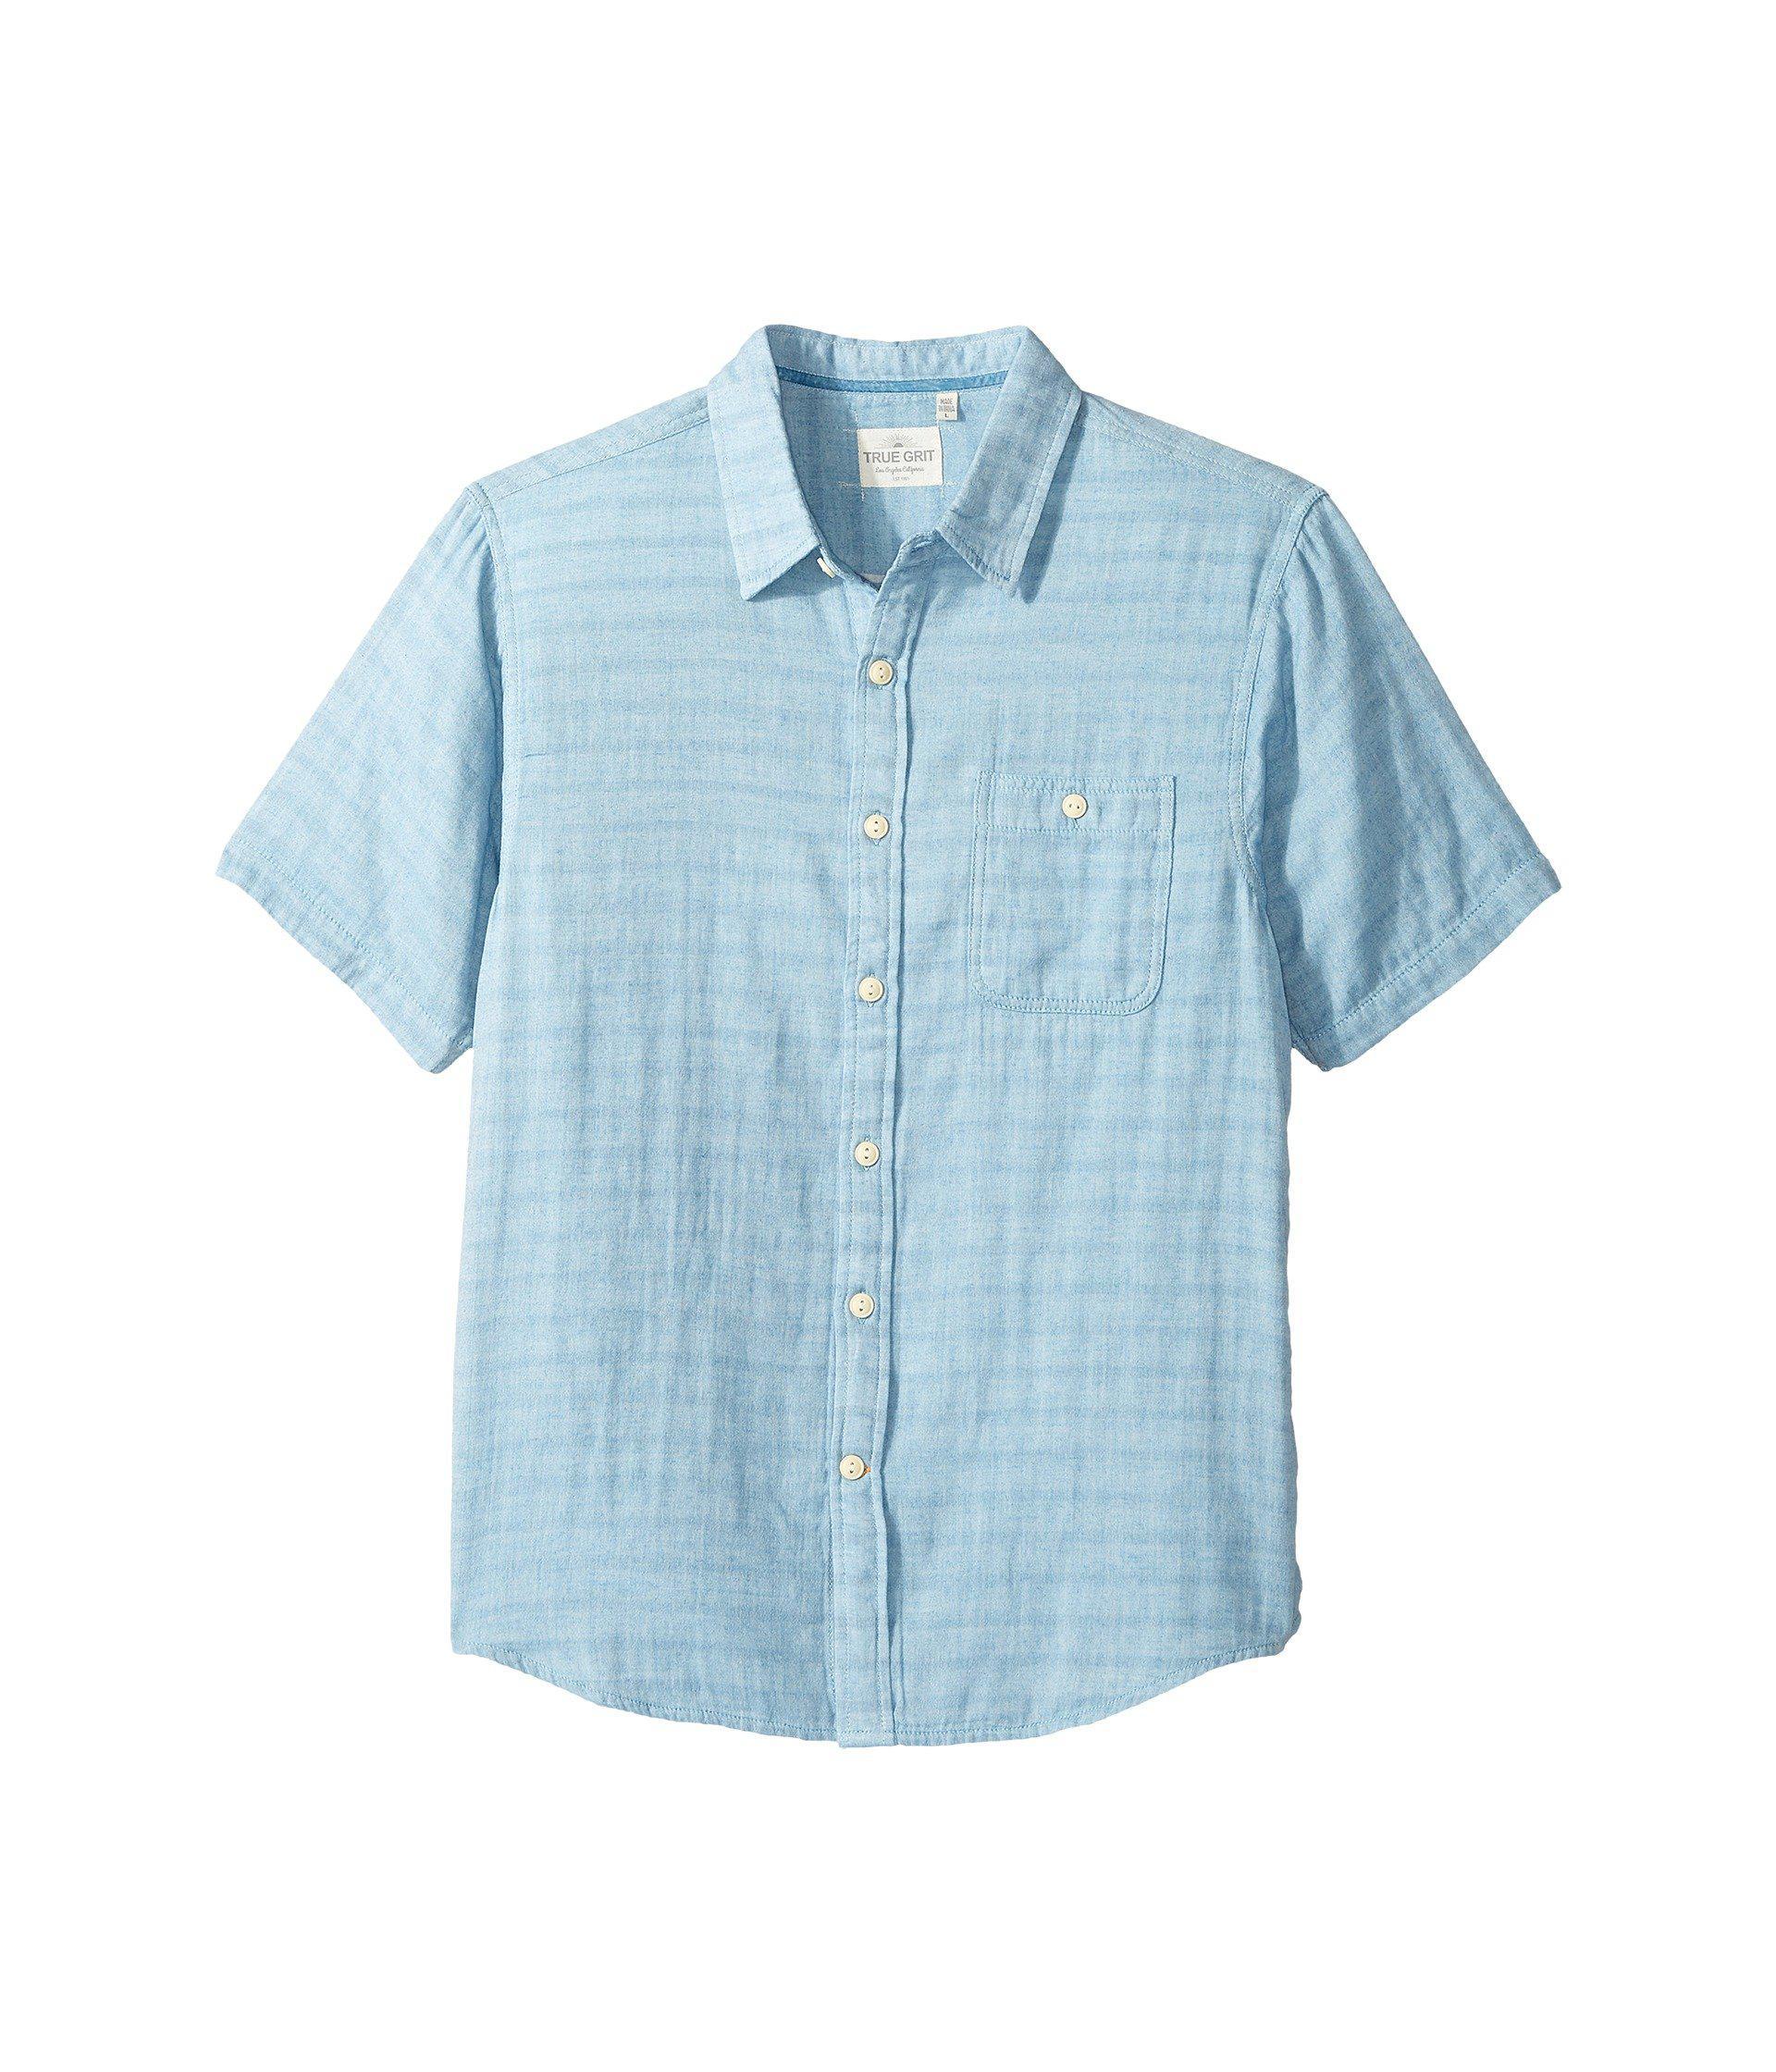 08aba69c9518 True Grit Indigo Surf Plaid One-pocket Short Sleeve Shirt Double ...